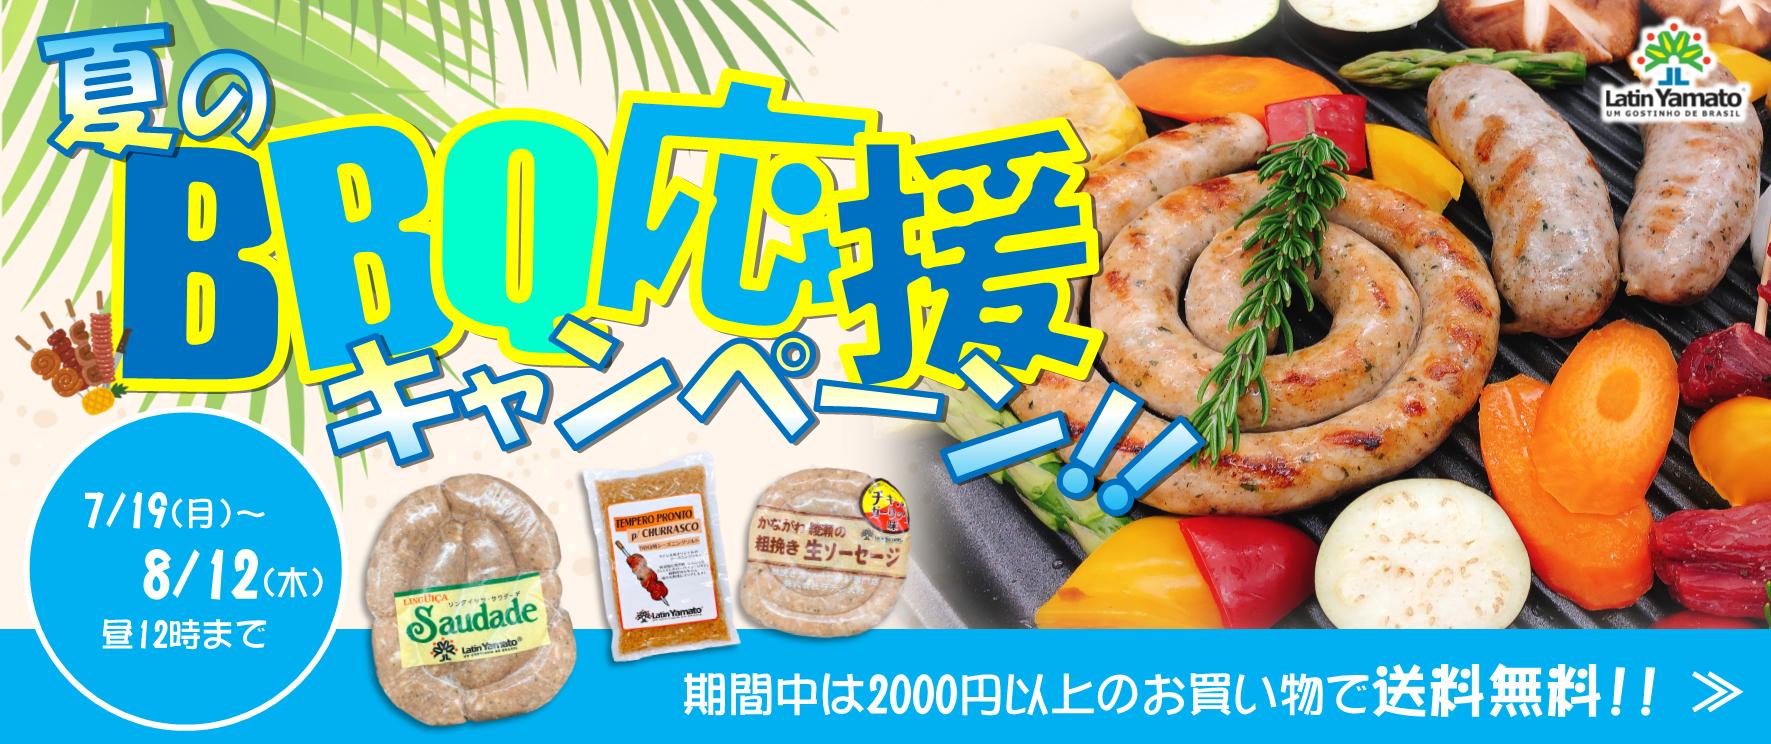 【終了】7/19~夏のBBQ応援キャンペーン★